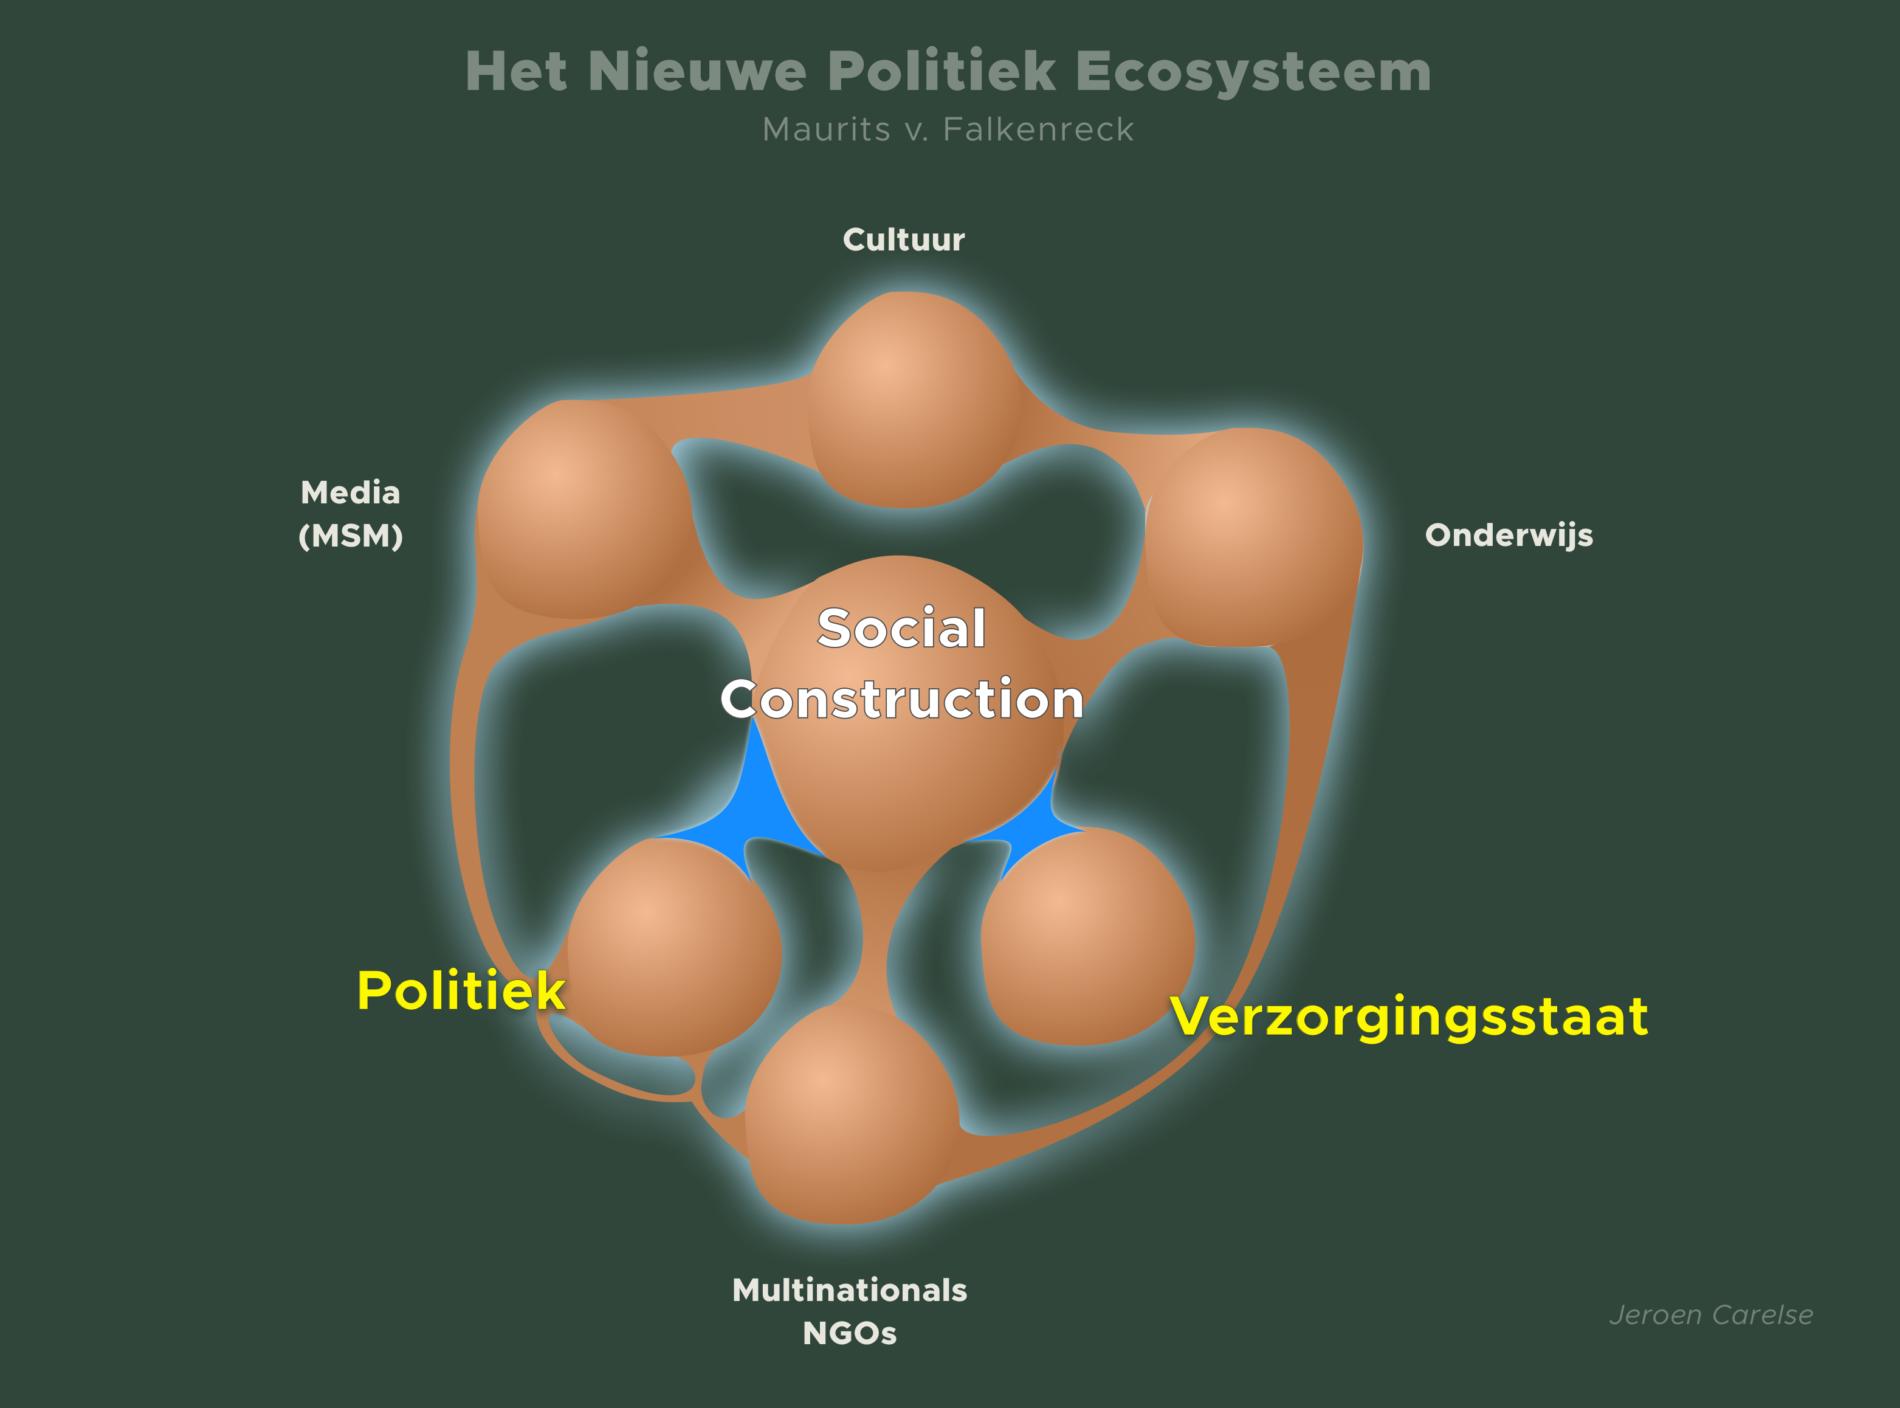 Het Nieuwe Politiek Ecosysteem